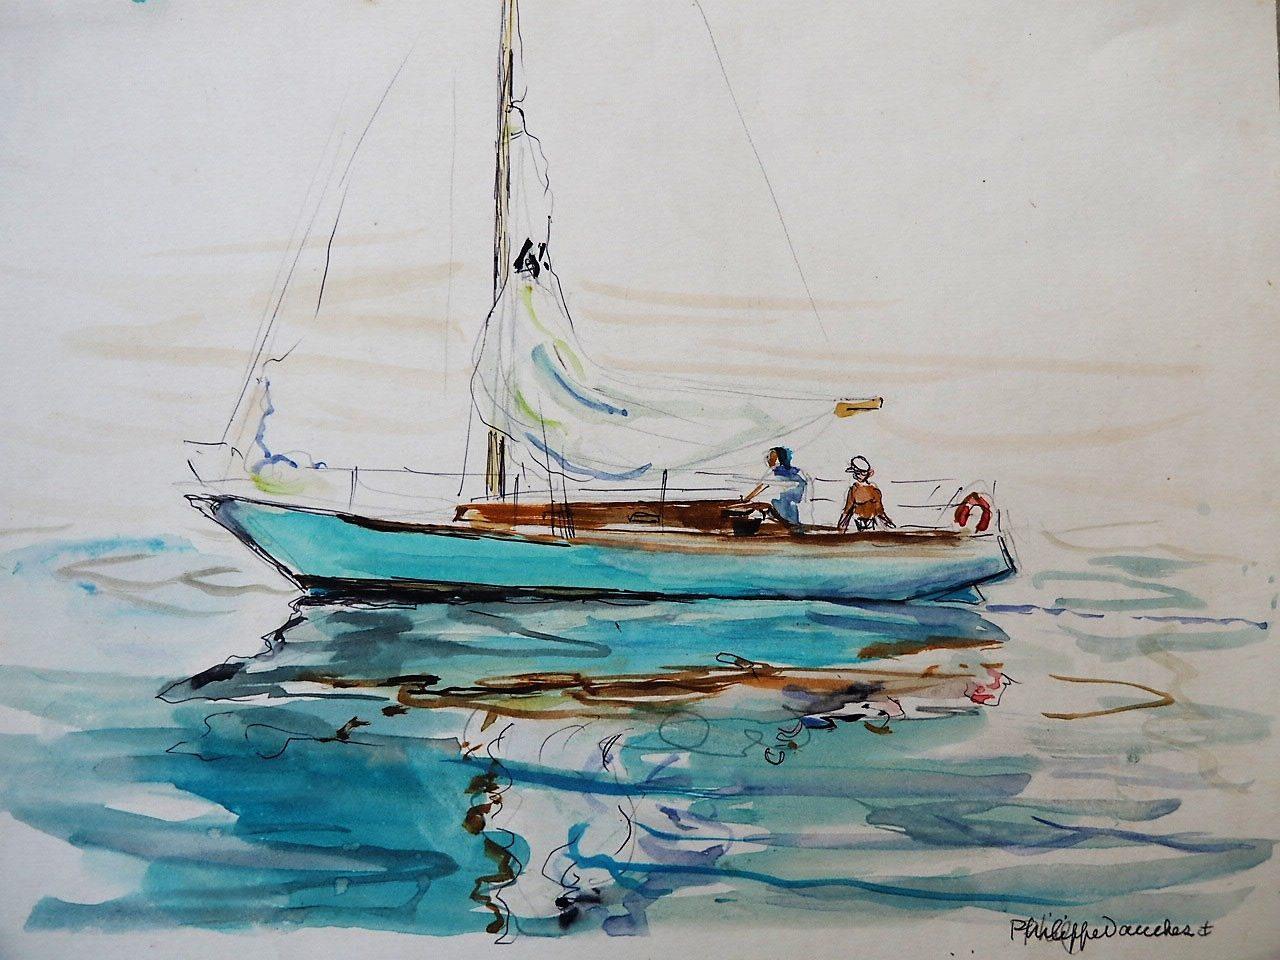 Voilier en méditerranée